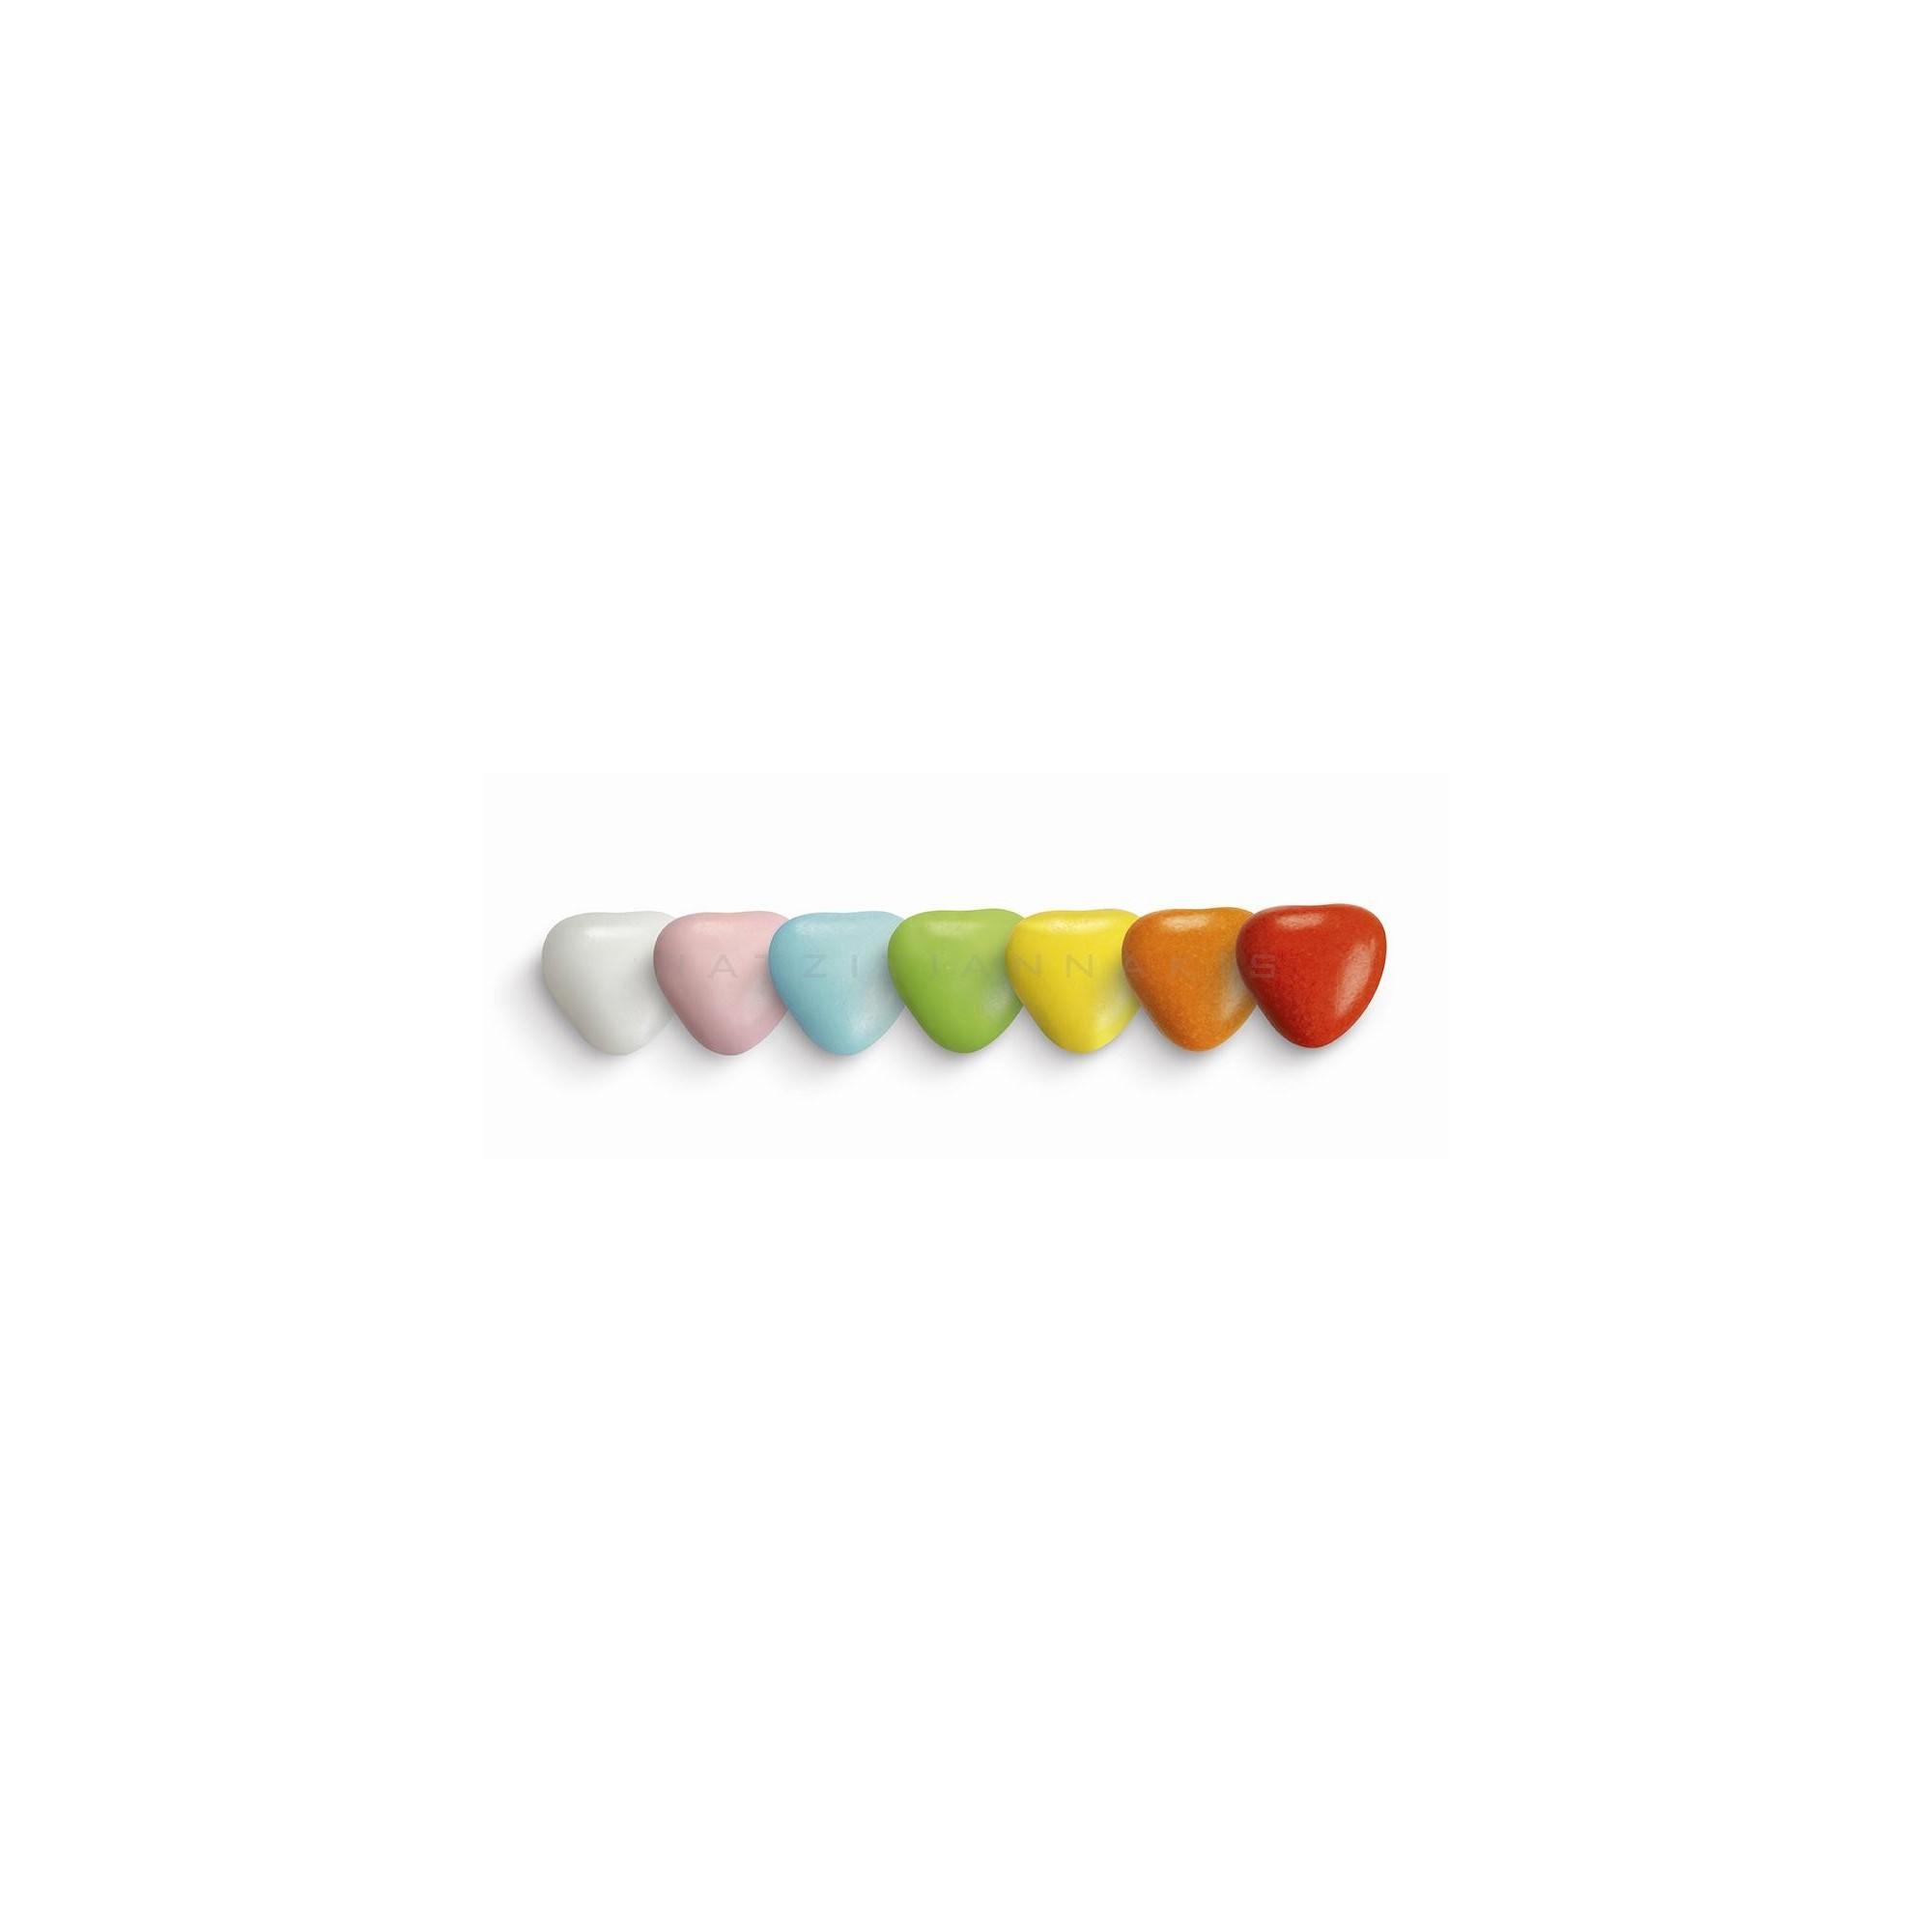 Κουφέτα Σοκολάτας Μεσαία Καρδιά Πολύχρωμη - LWG-X1203